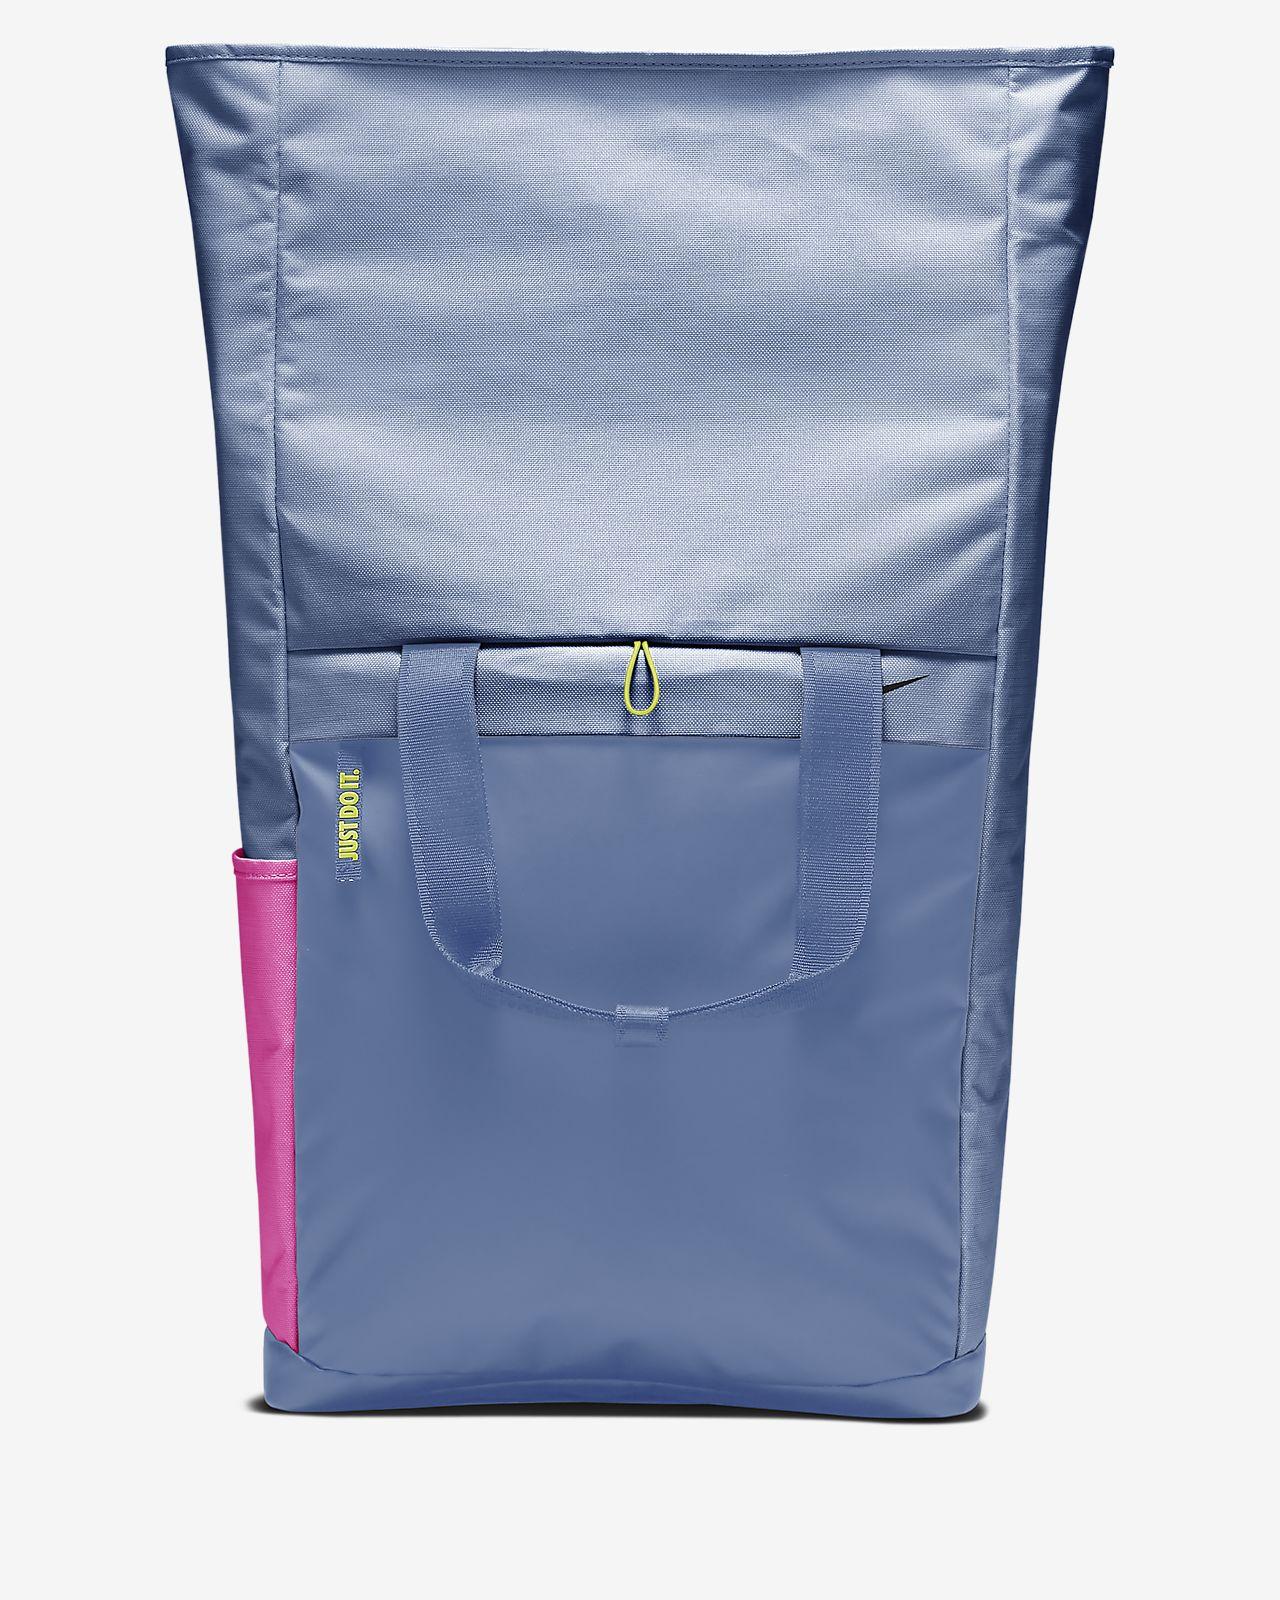 33a4d3203aa Low Resolution Nike Radiate Backpack Nike Radiate Backpack